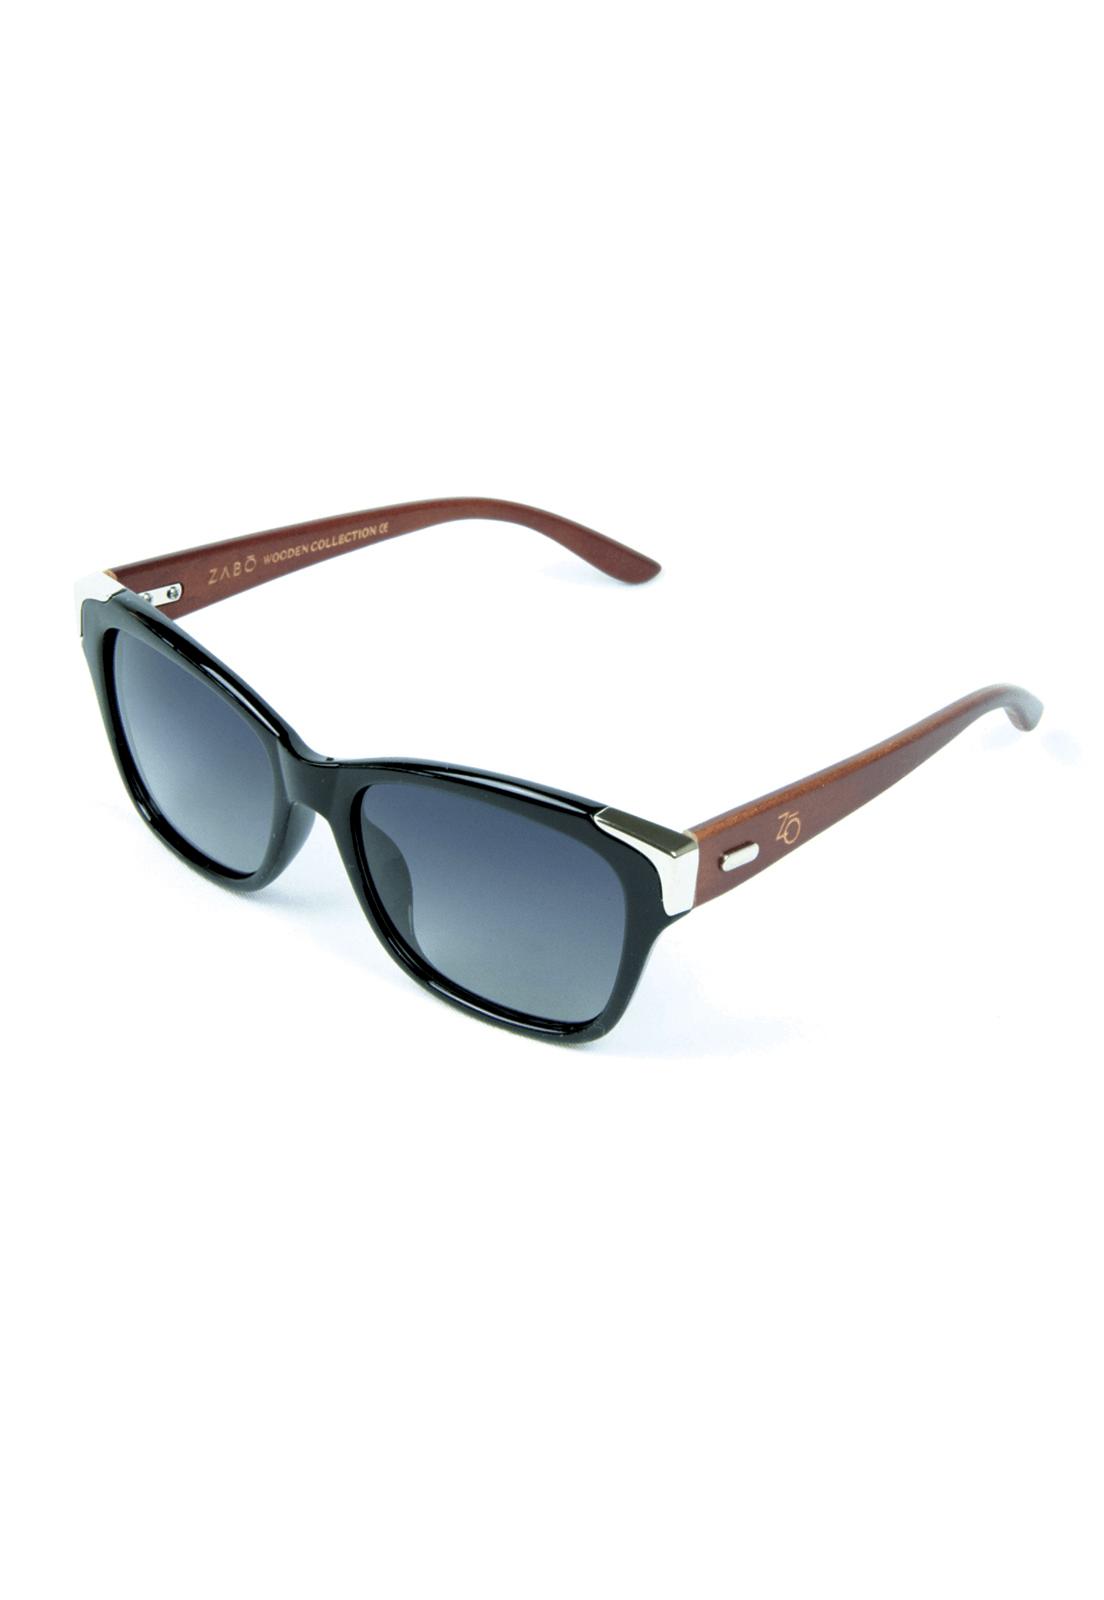 Óculos de Sol Polarizado Zabô Barcelona Preto Lentes Black